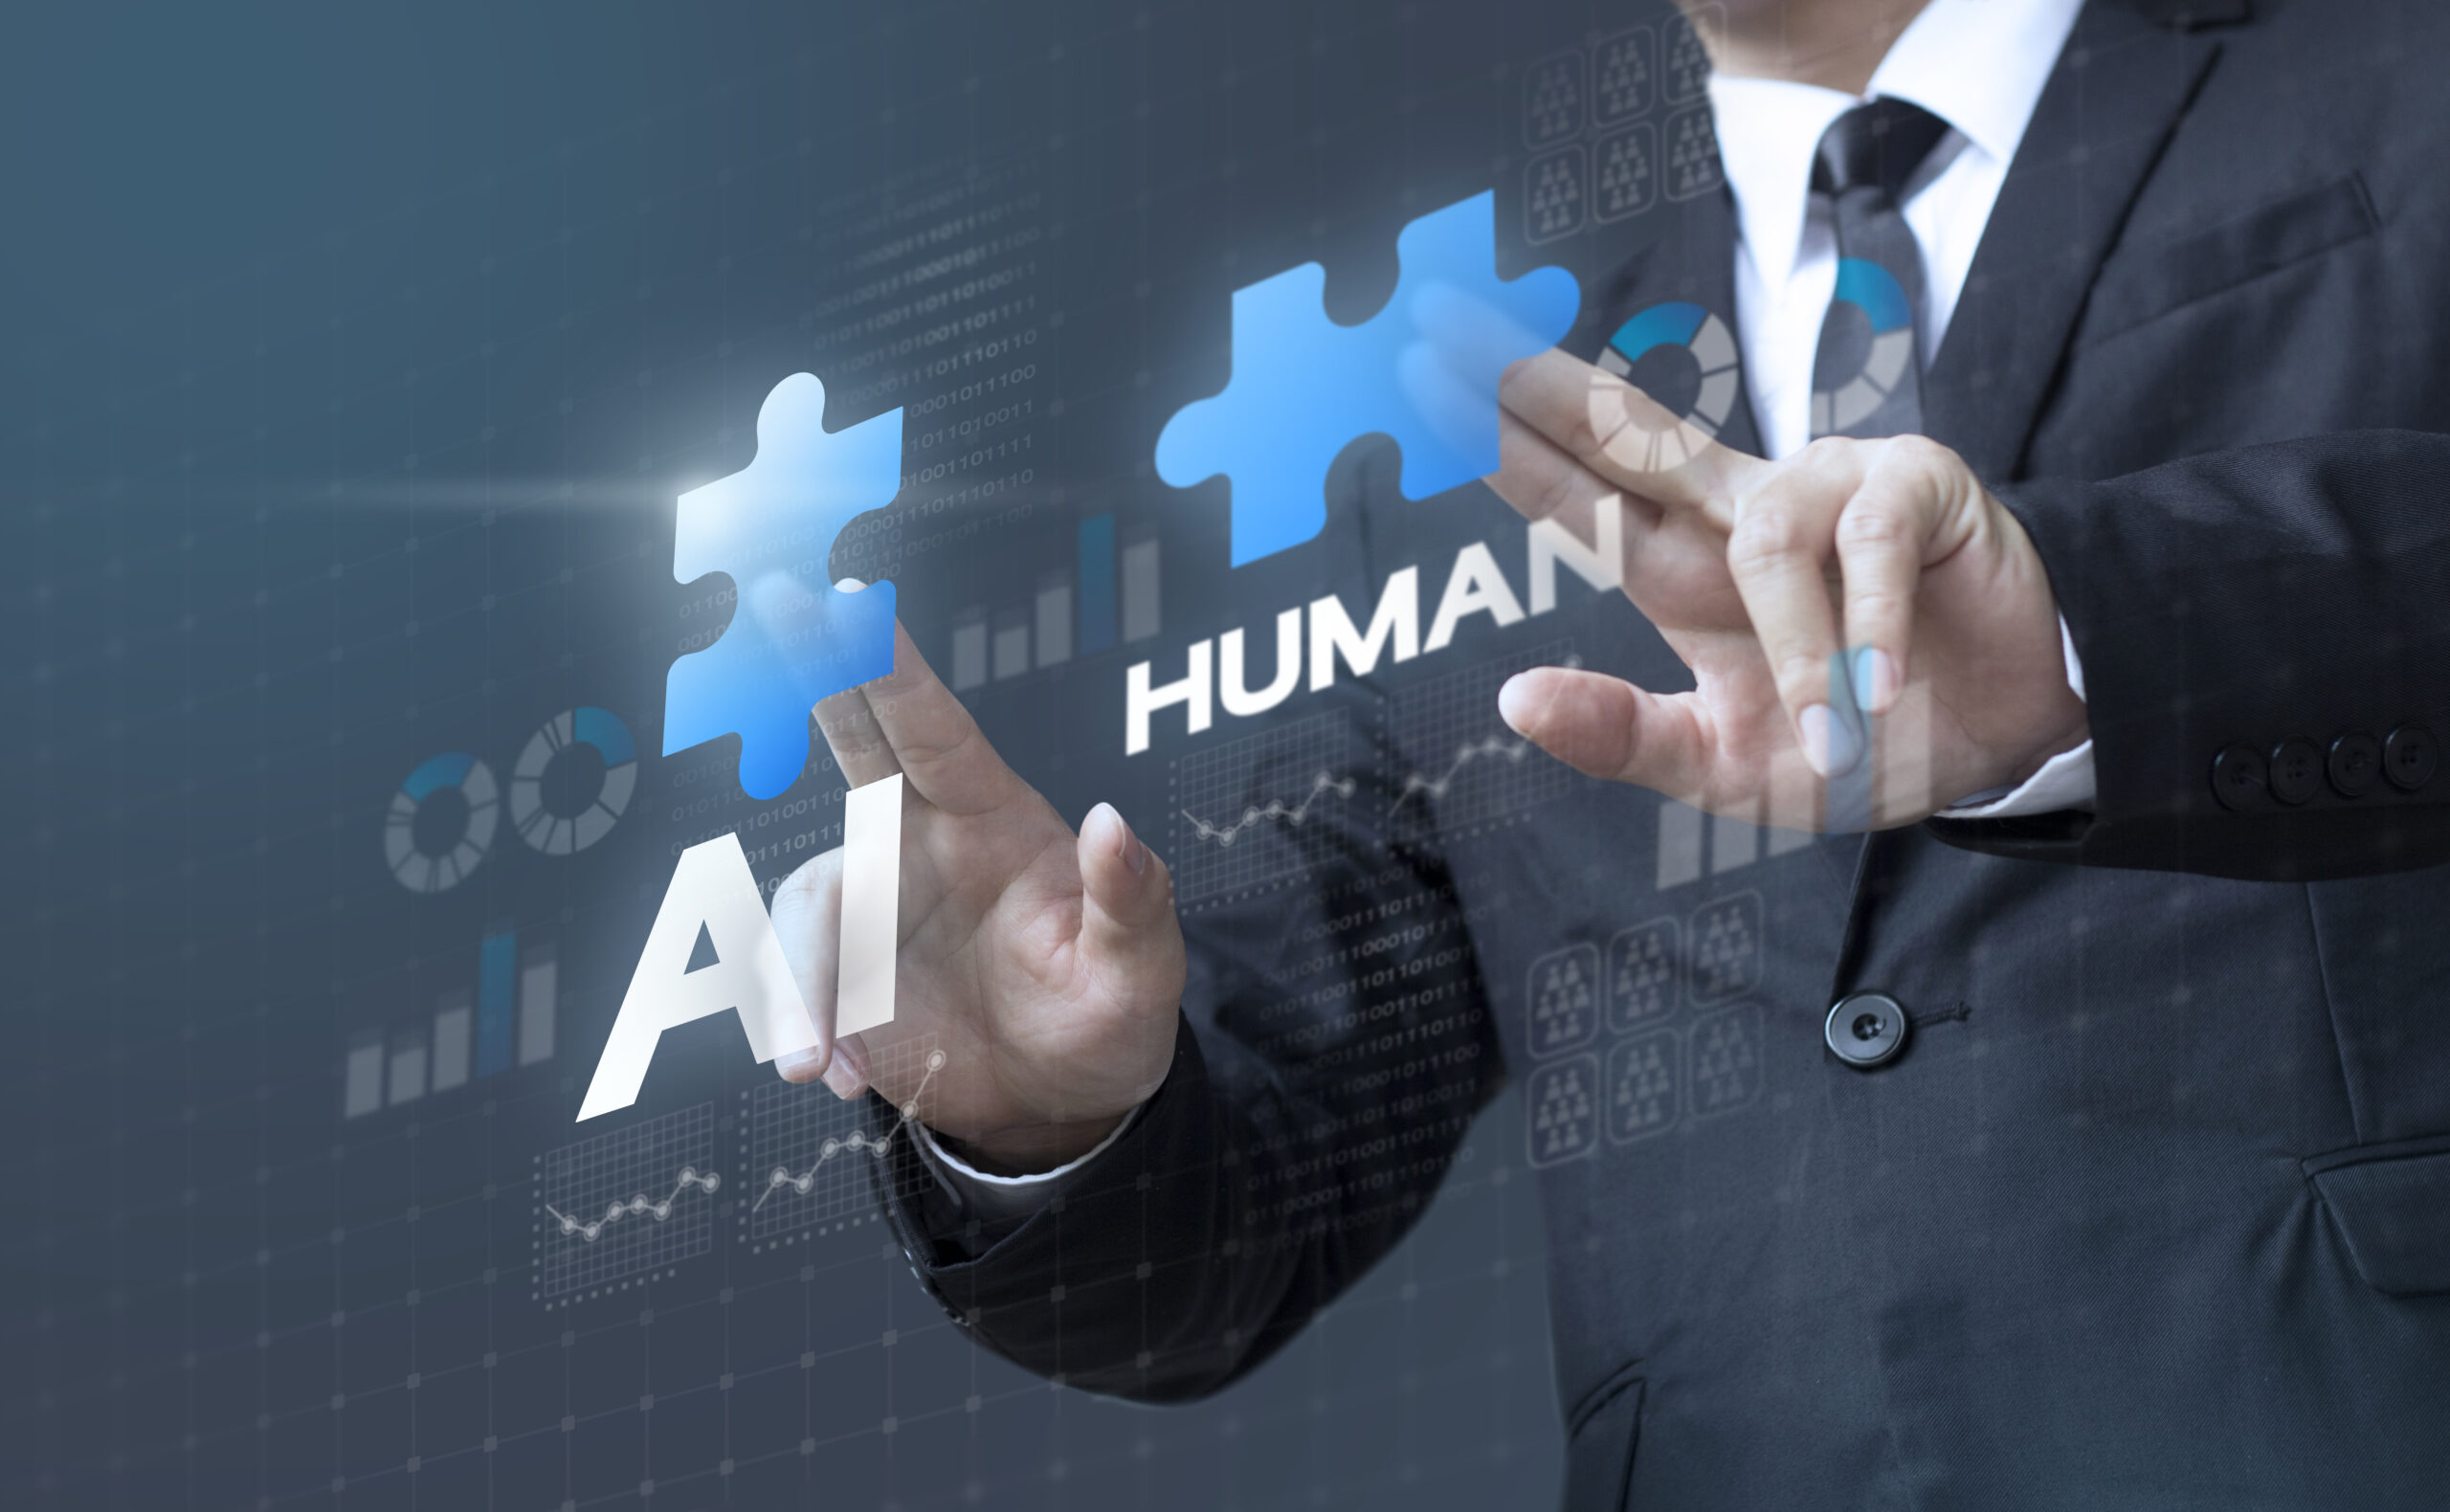 2021年のカスタマーサービス。チャットボット?それとも人間?